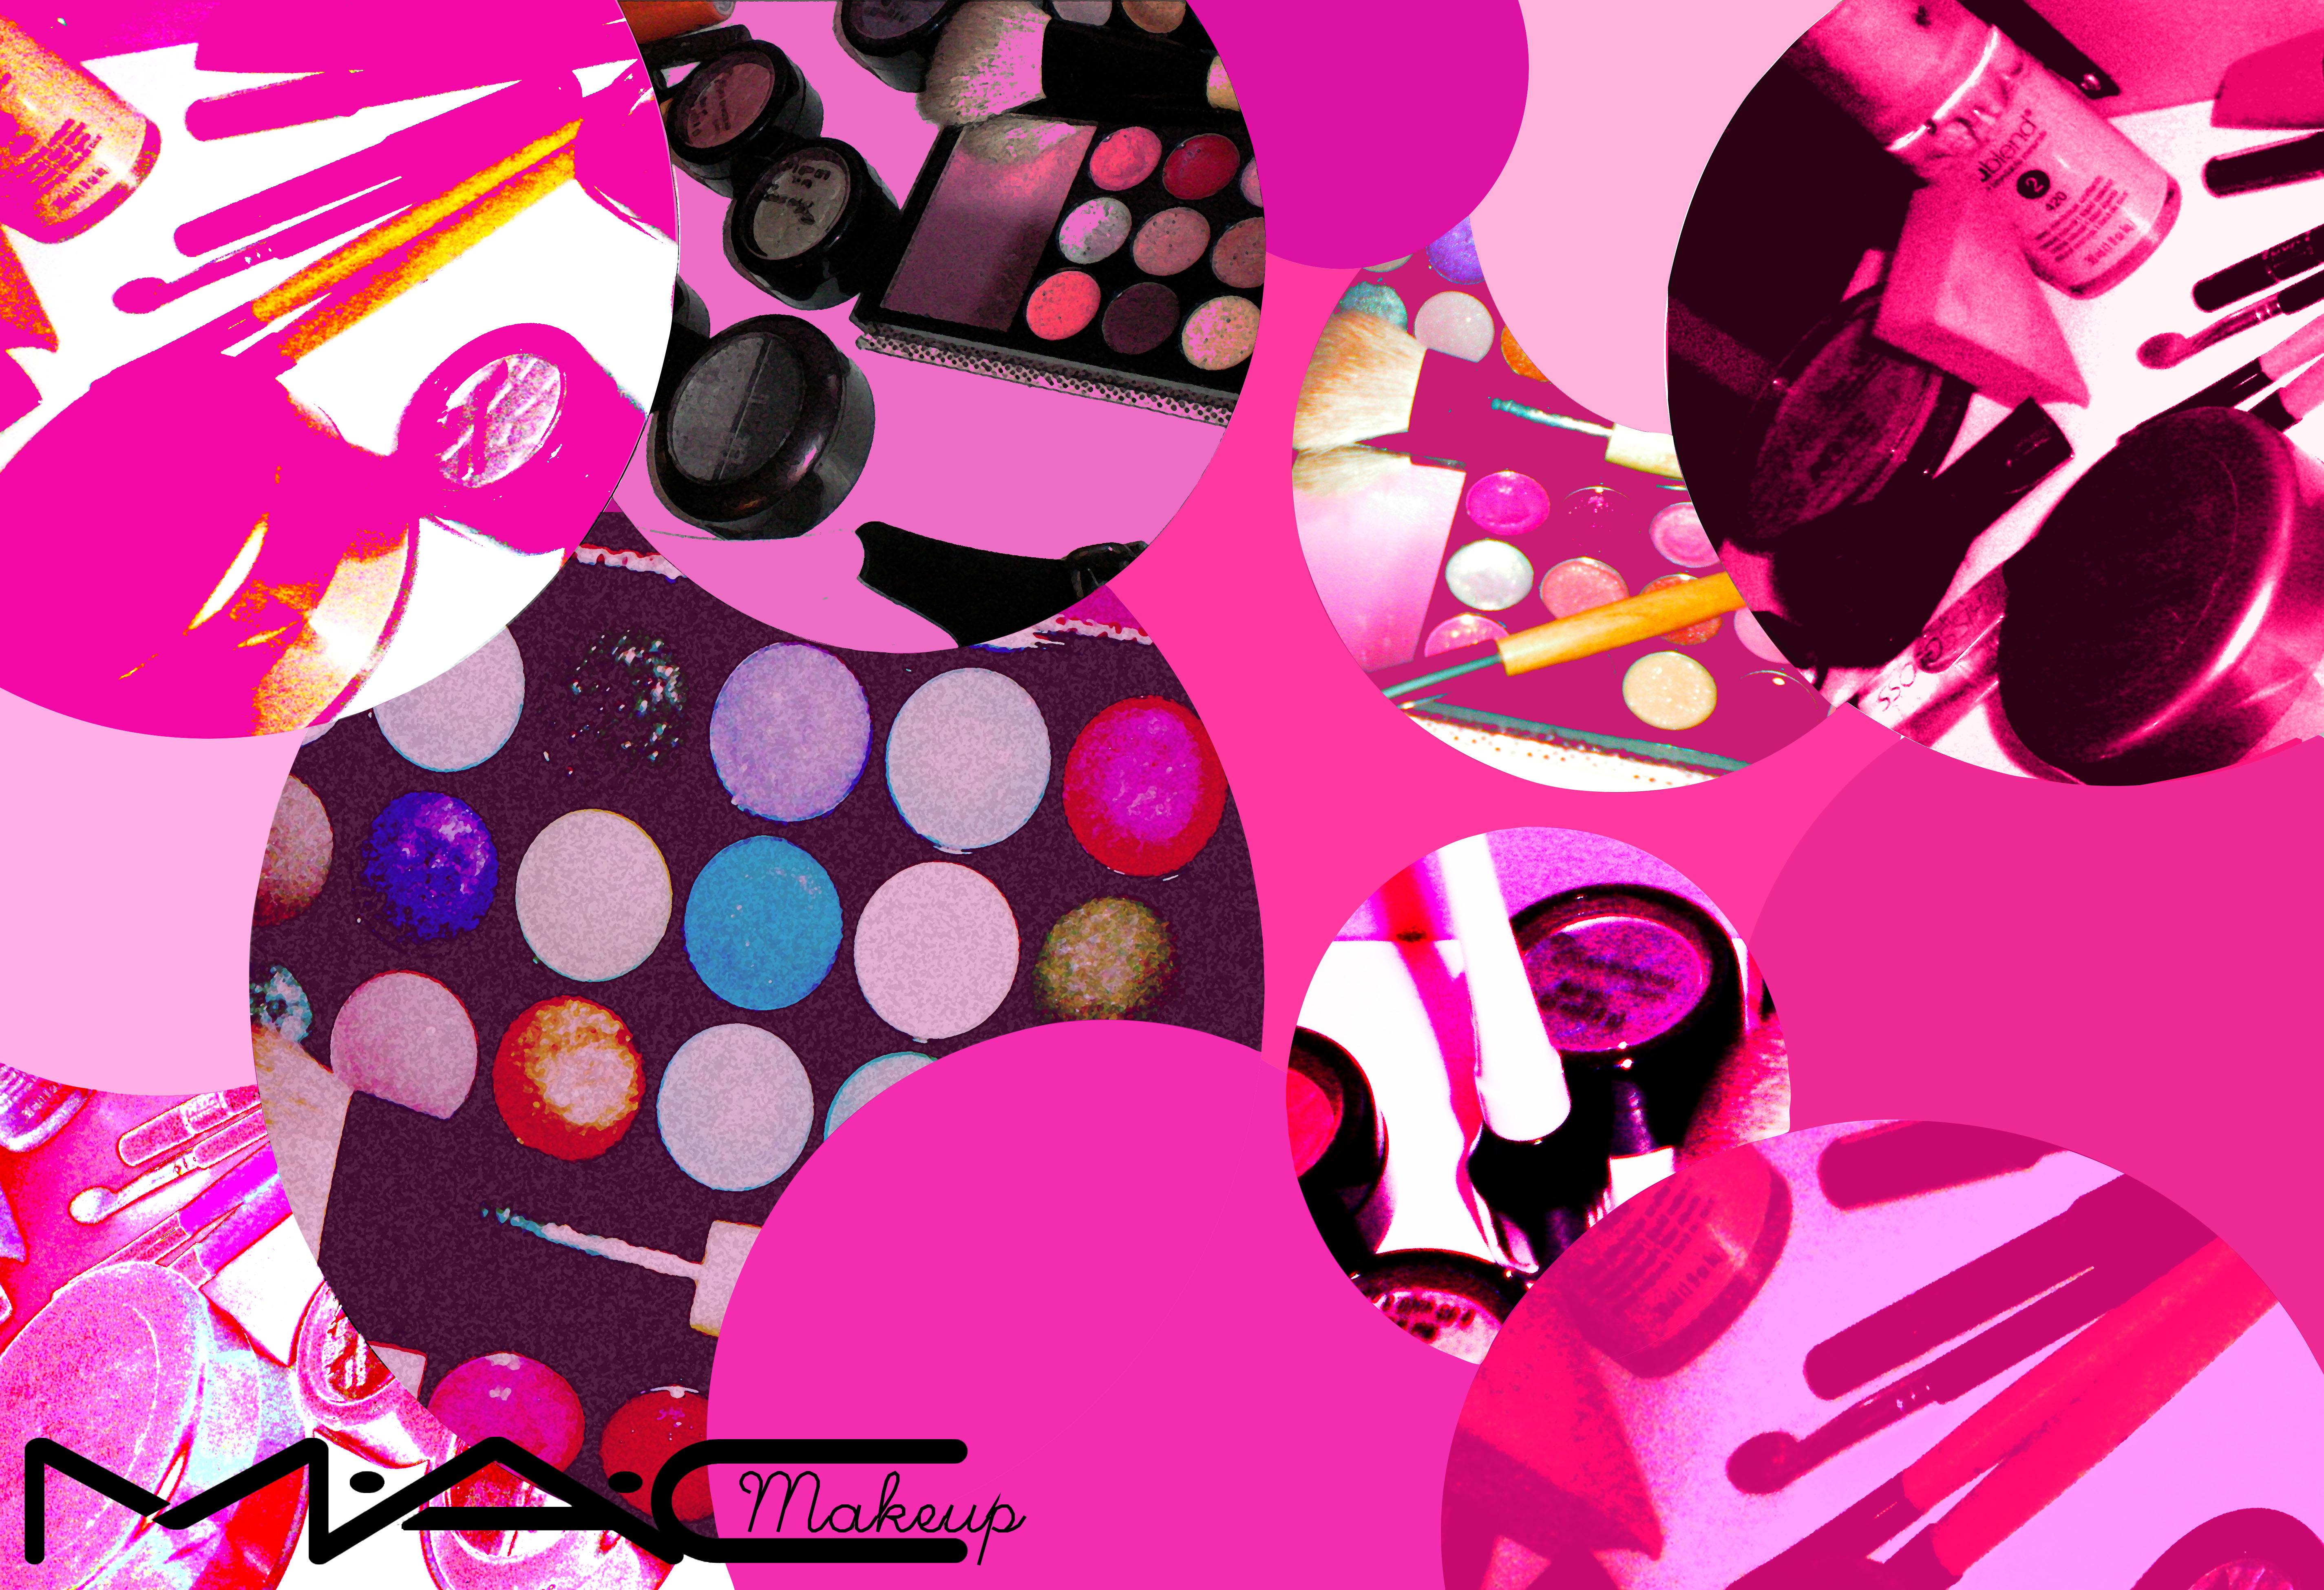 44 Mac Makeup Wallpaper On Wallpapersafari